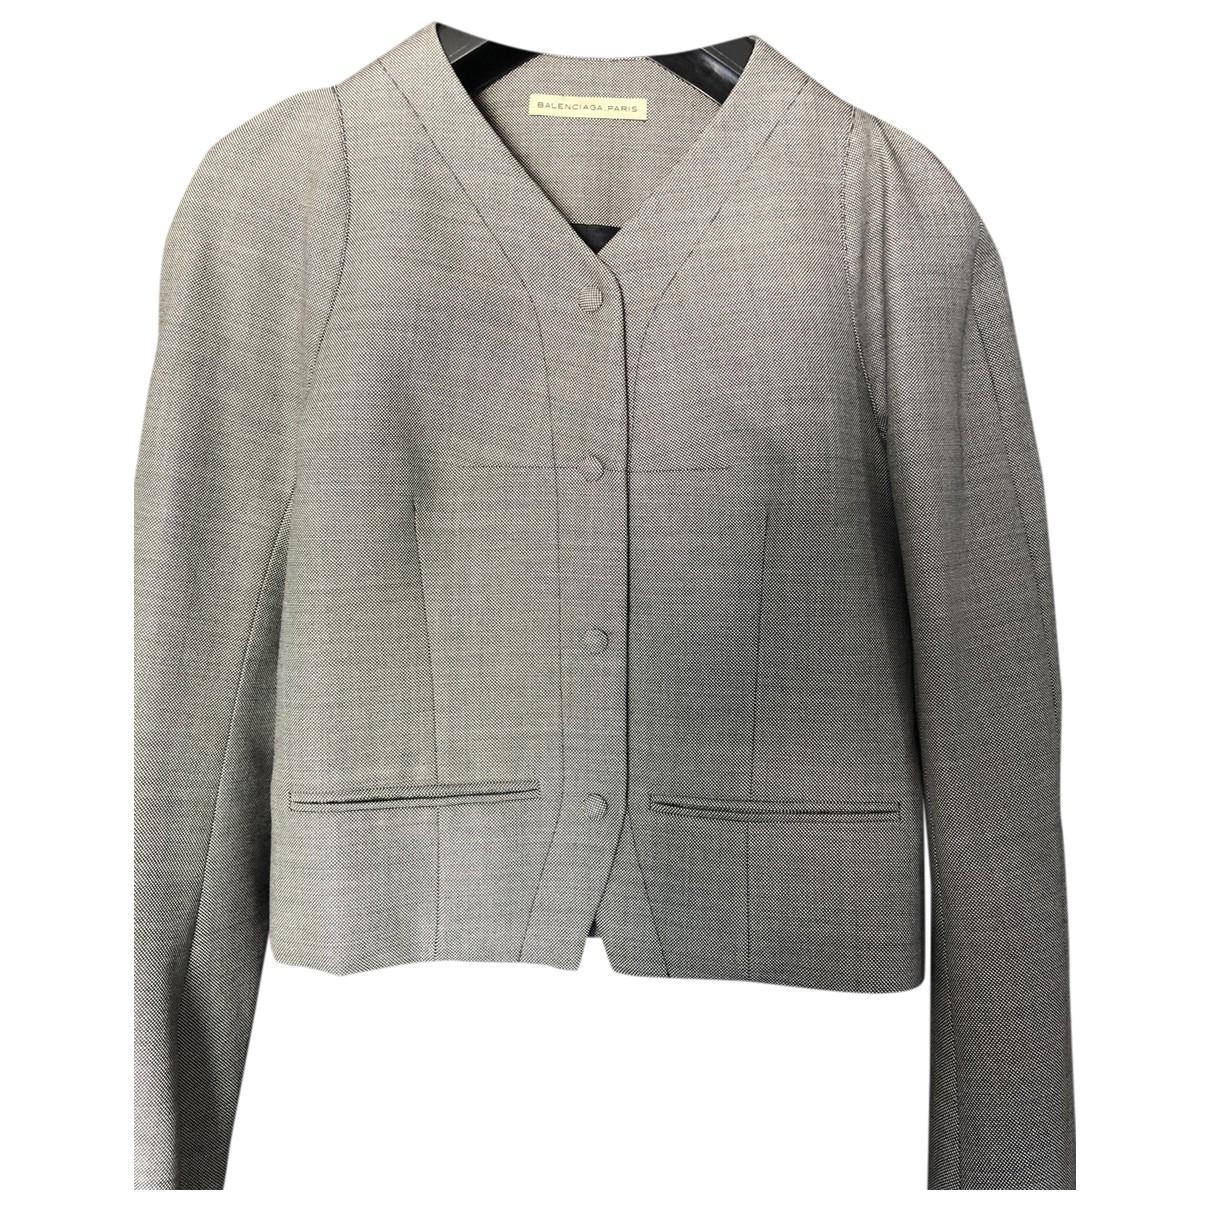 Balenciaga \N Jacke in  Grau Wolle